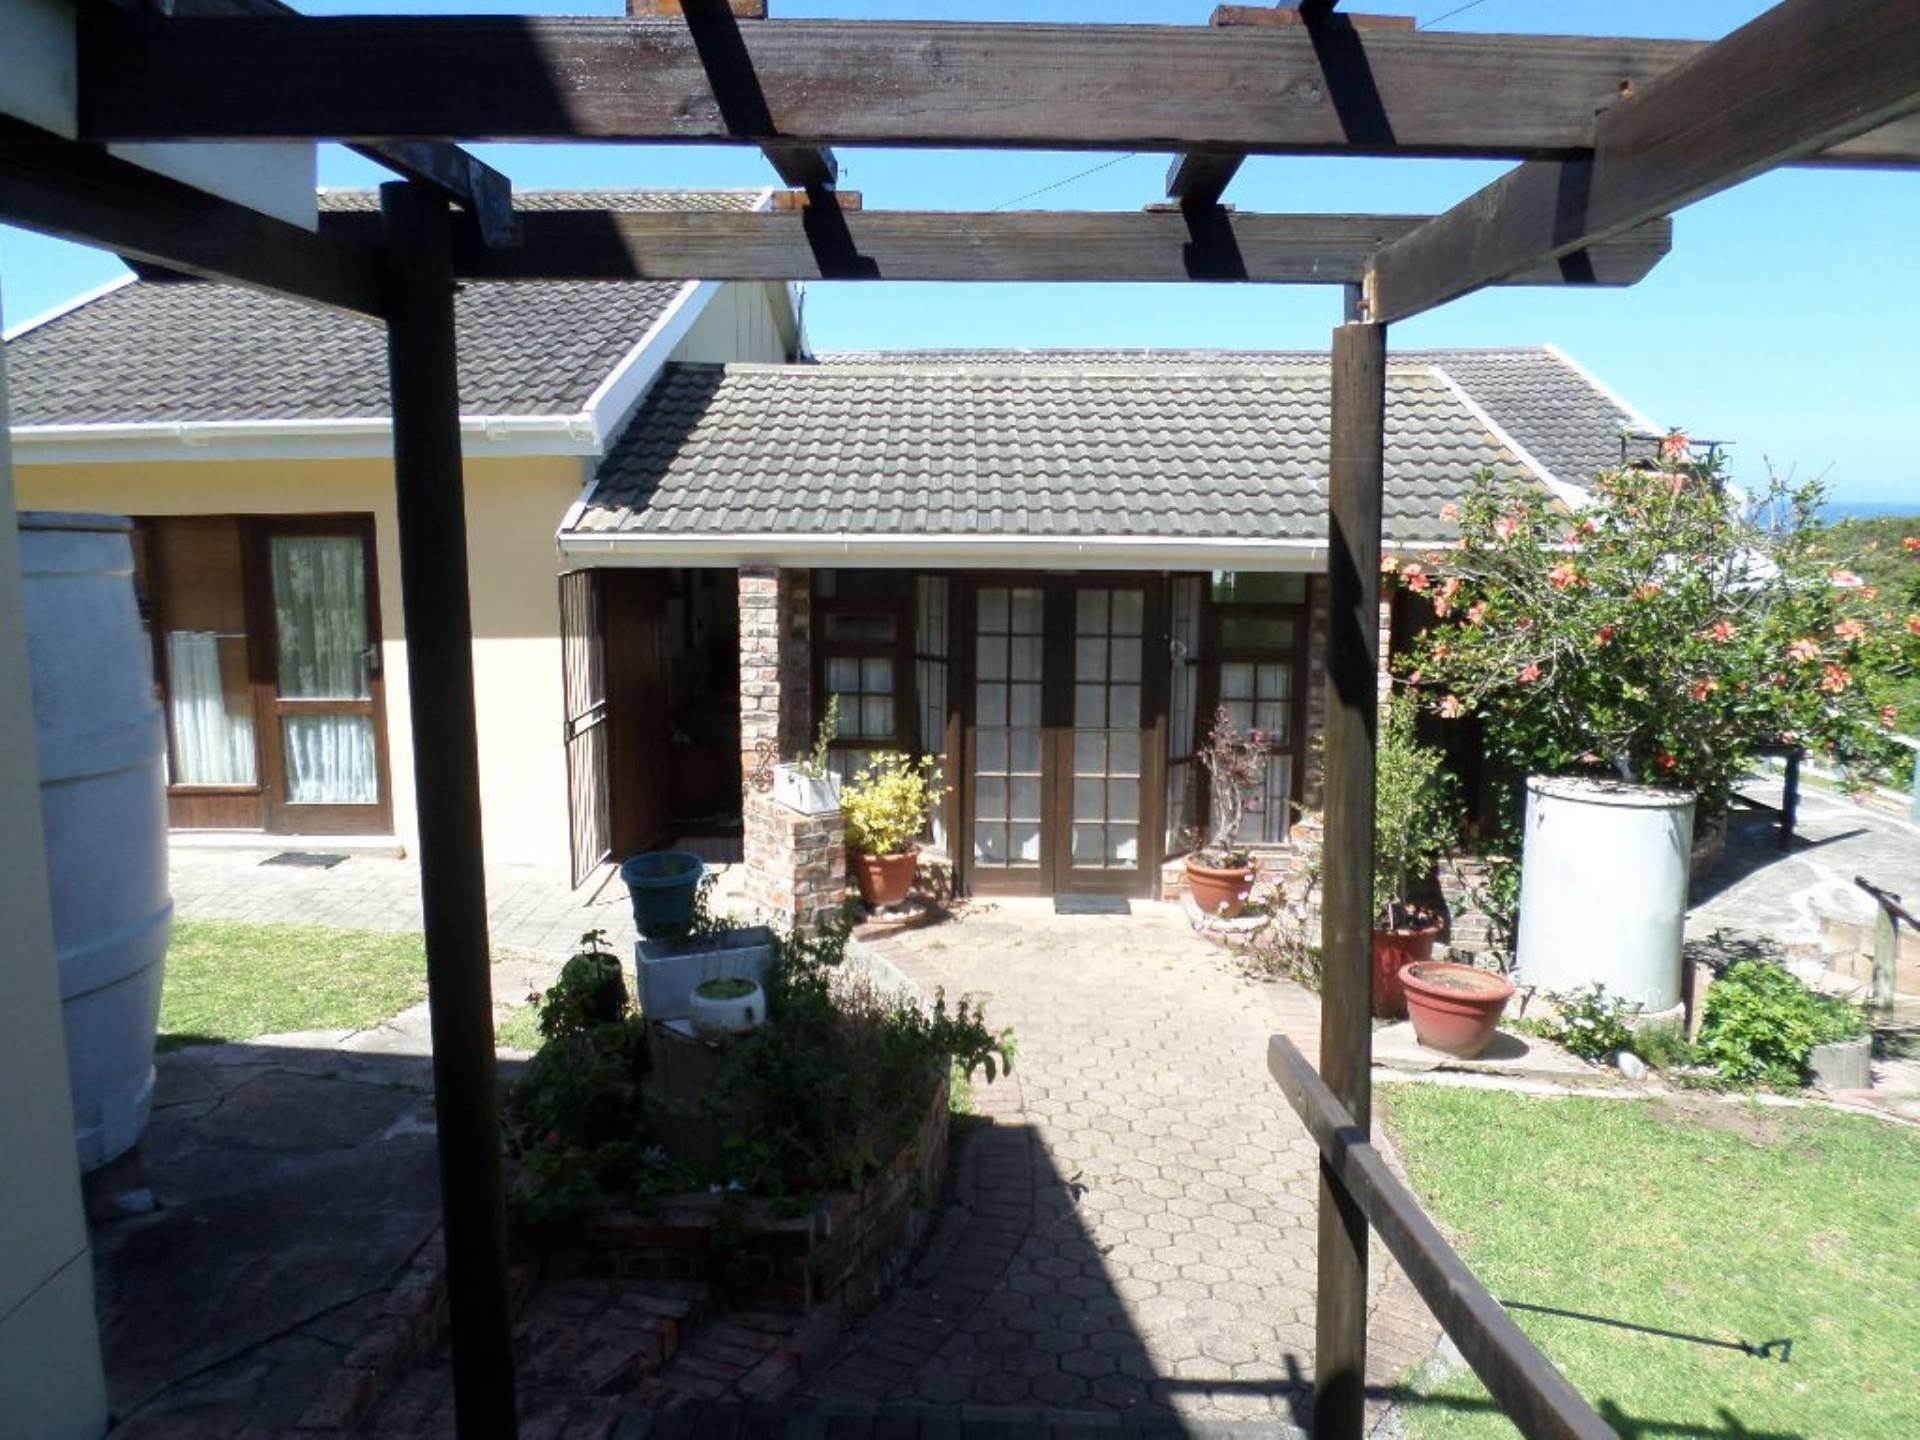 4 bedroom house in glentana